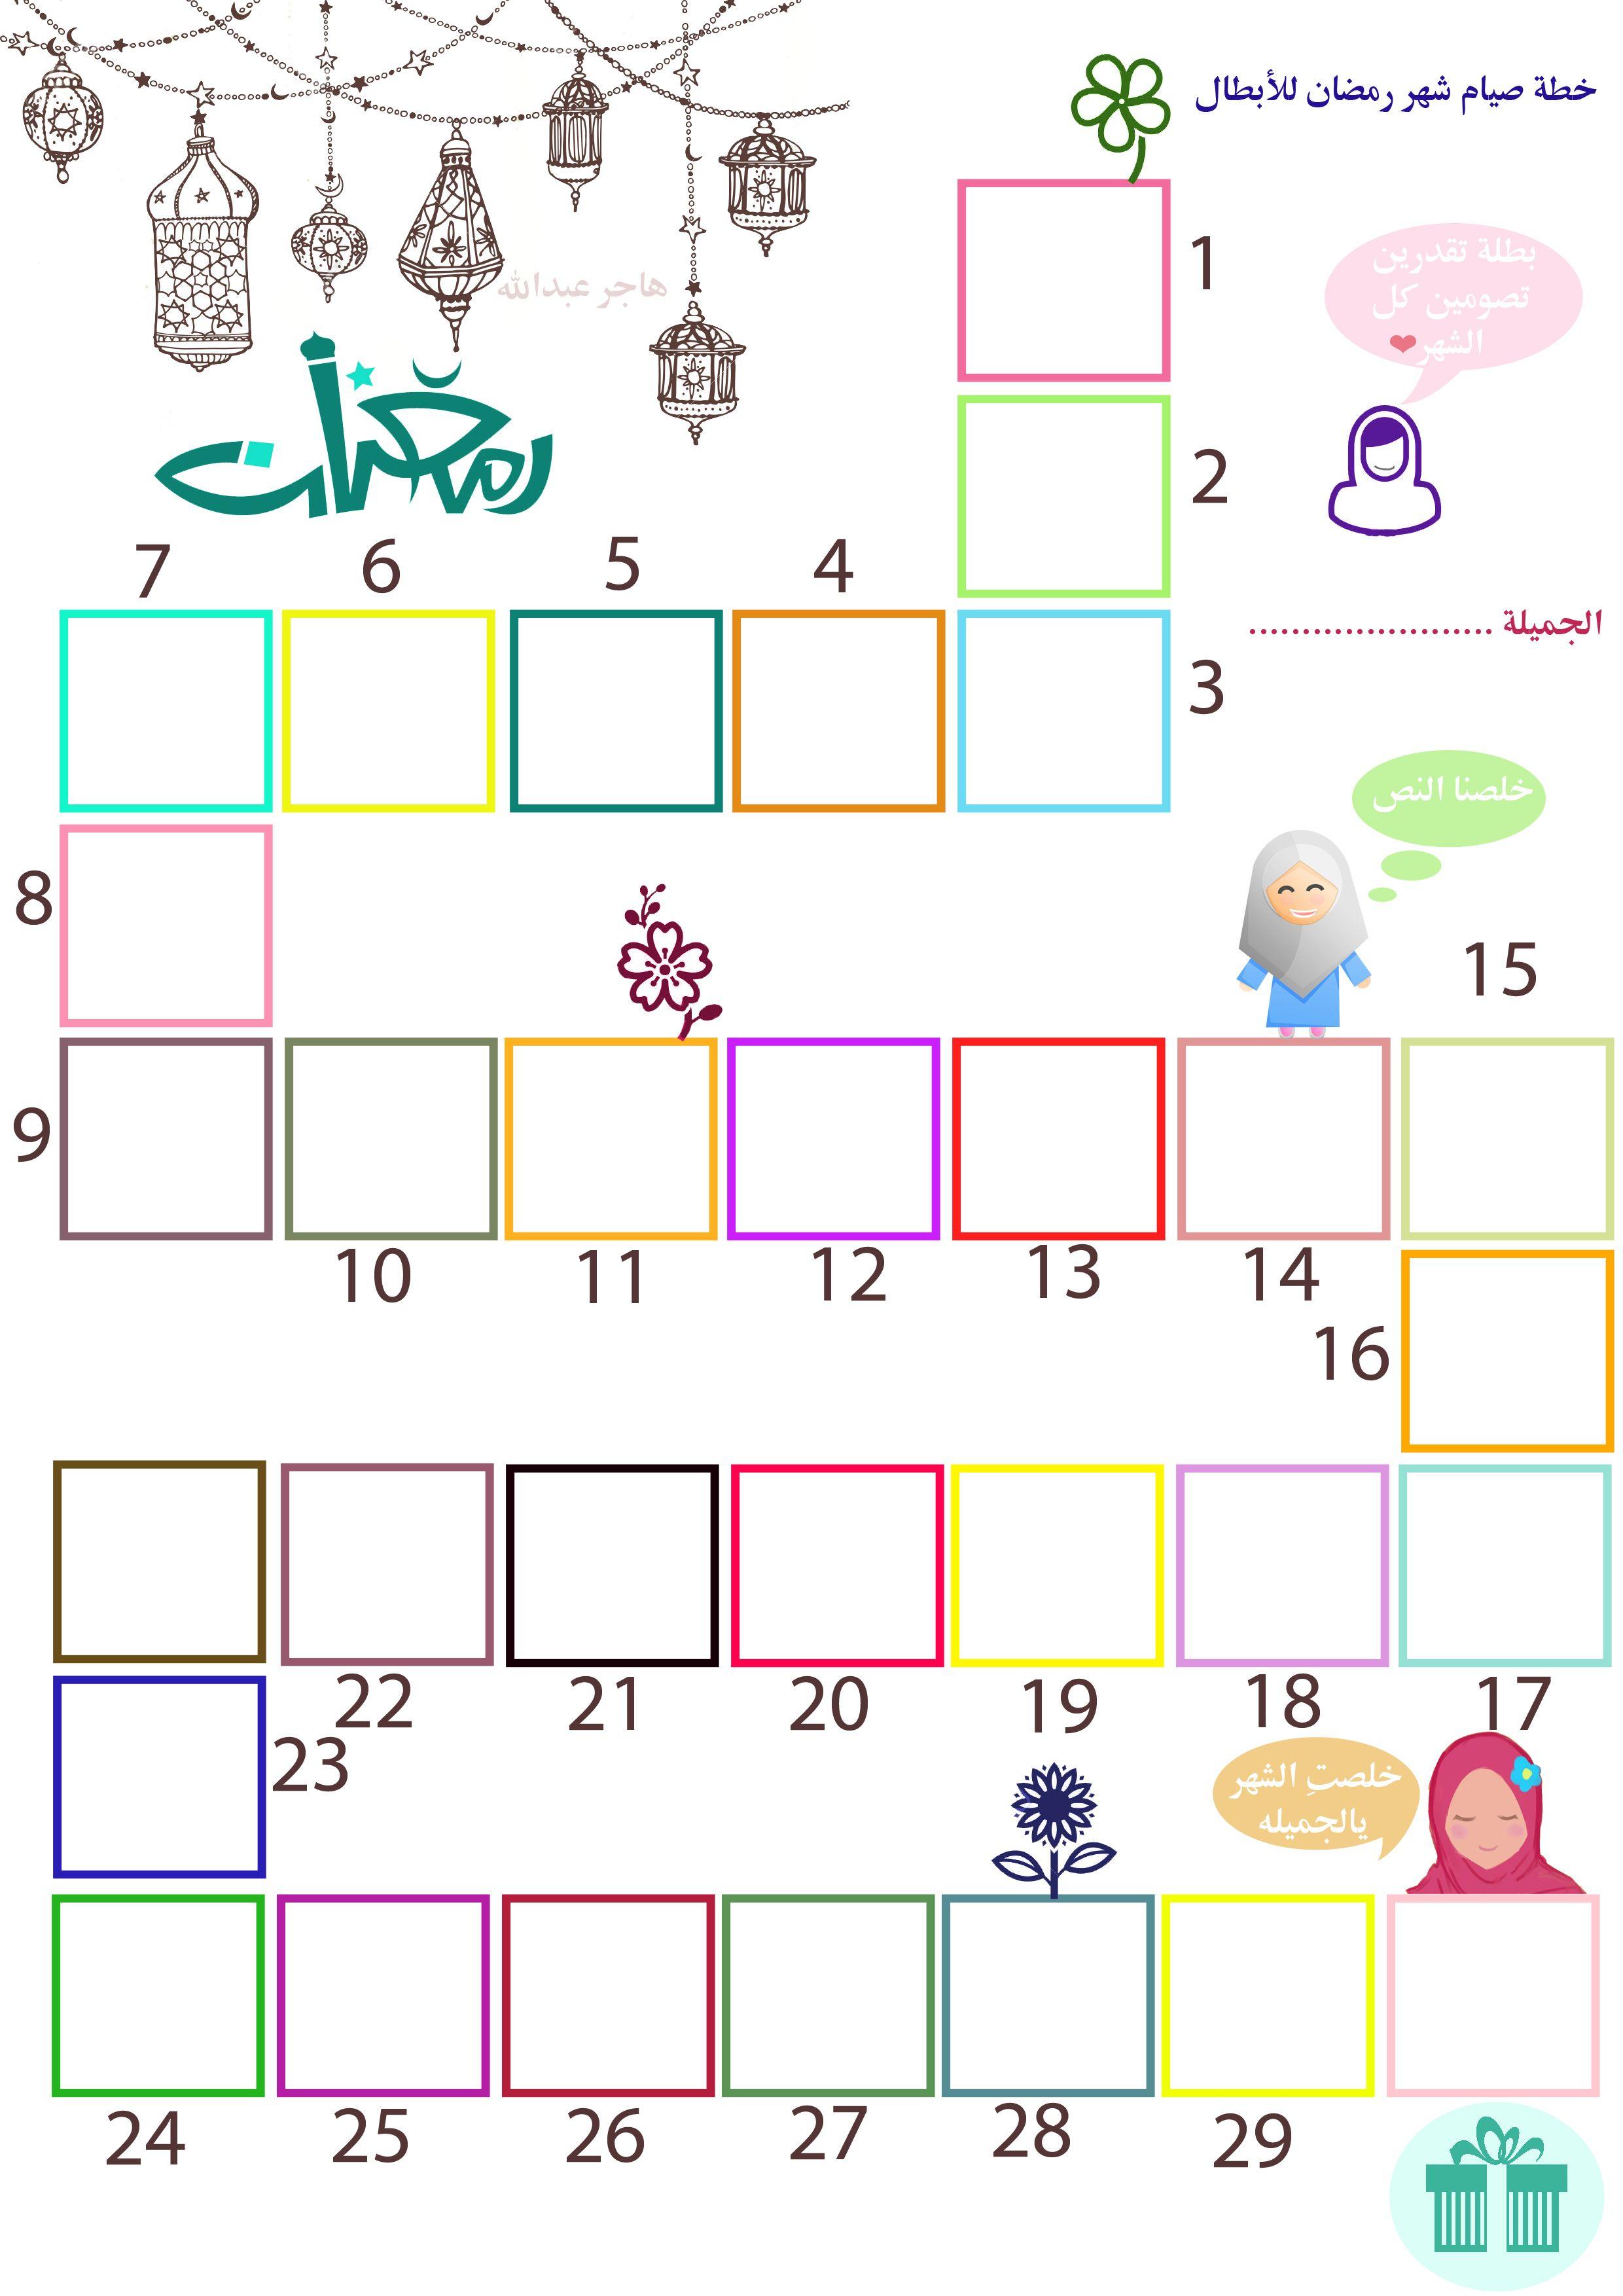 خطة تحفيزيه للاطفال لصيام شهر رمضان المبارك | رمضان ...